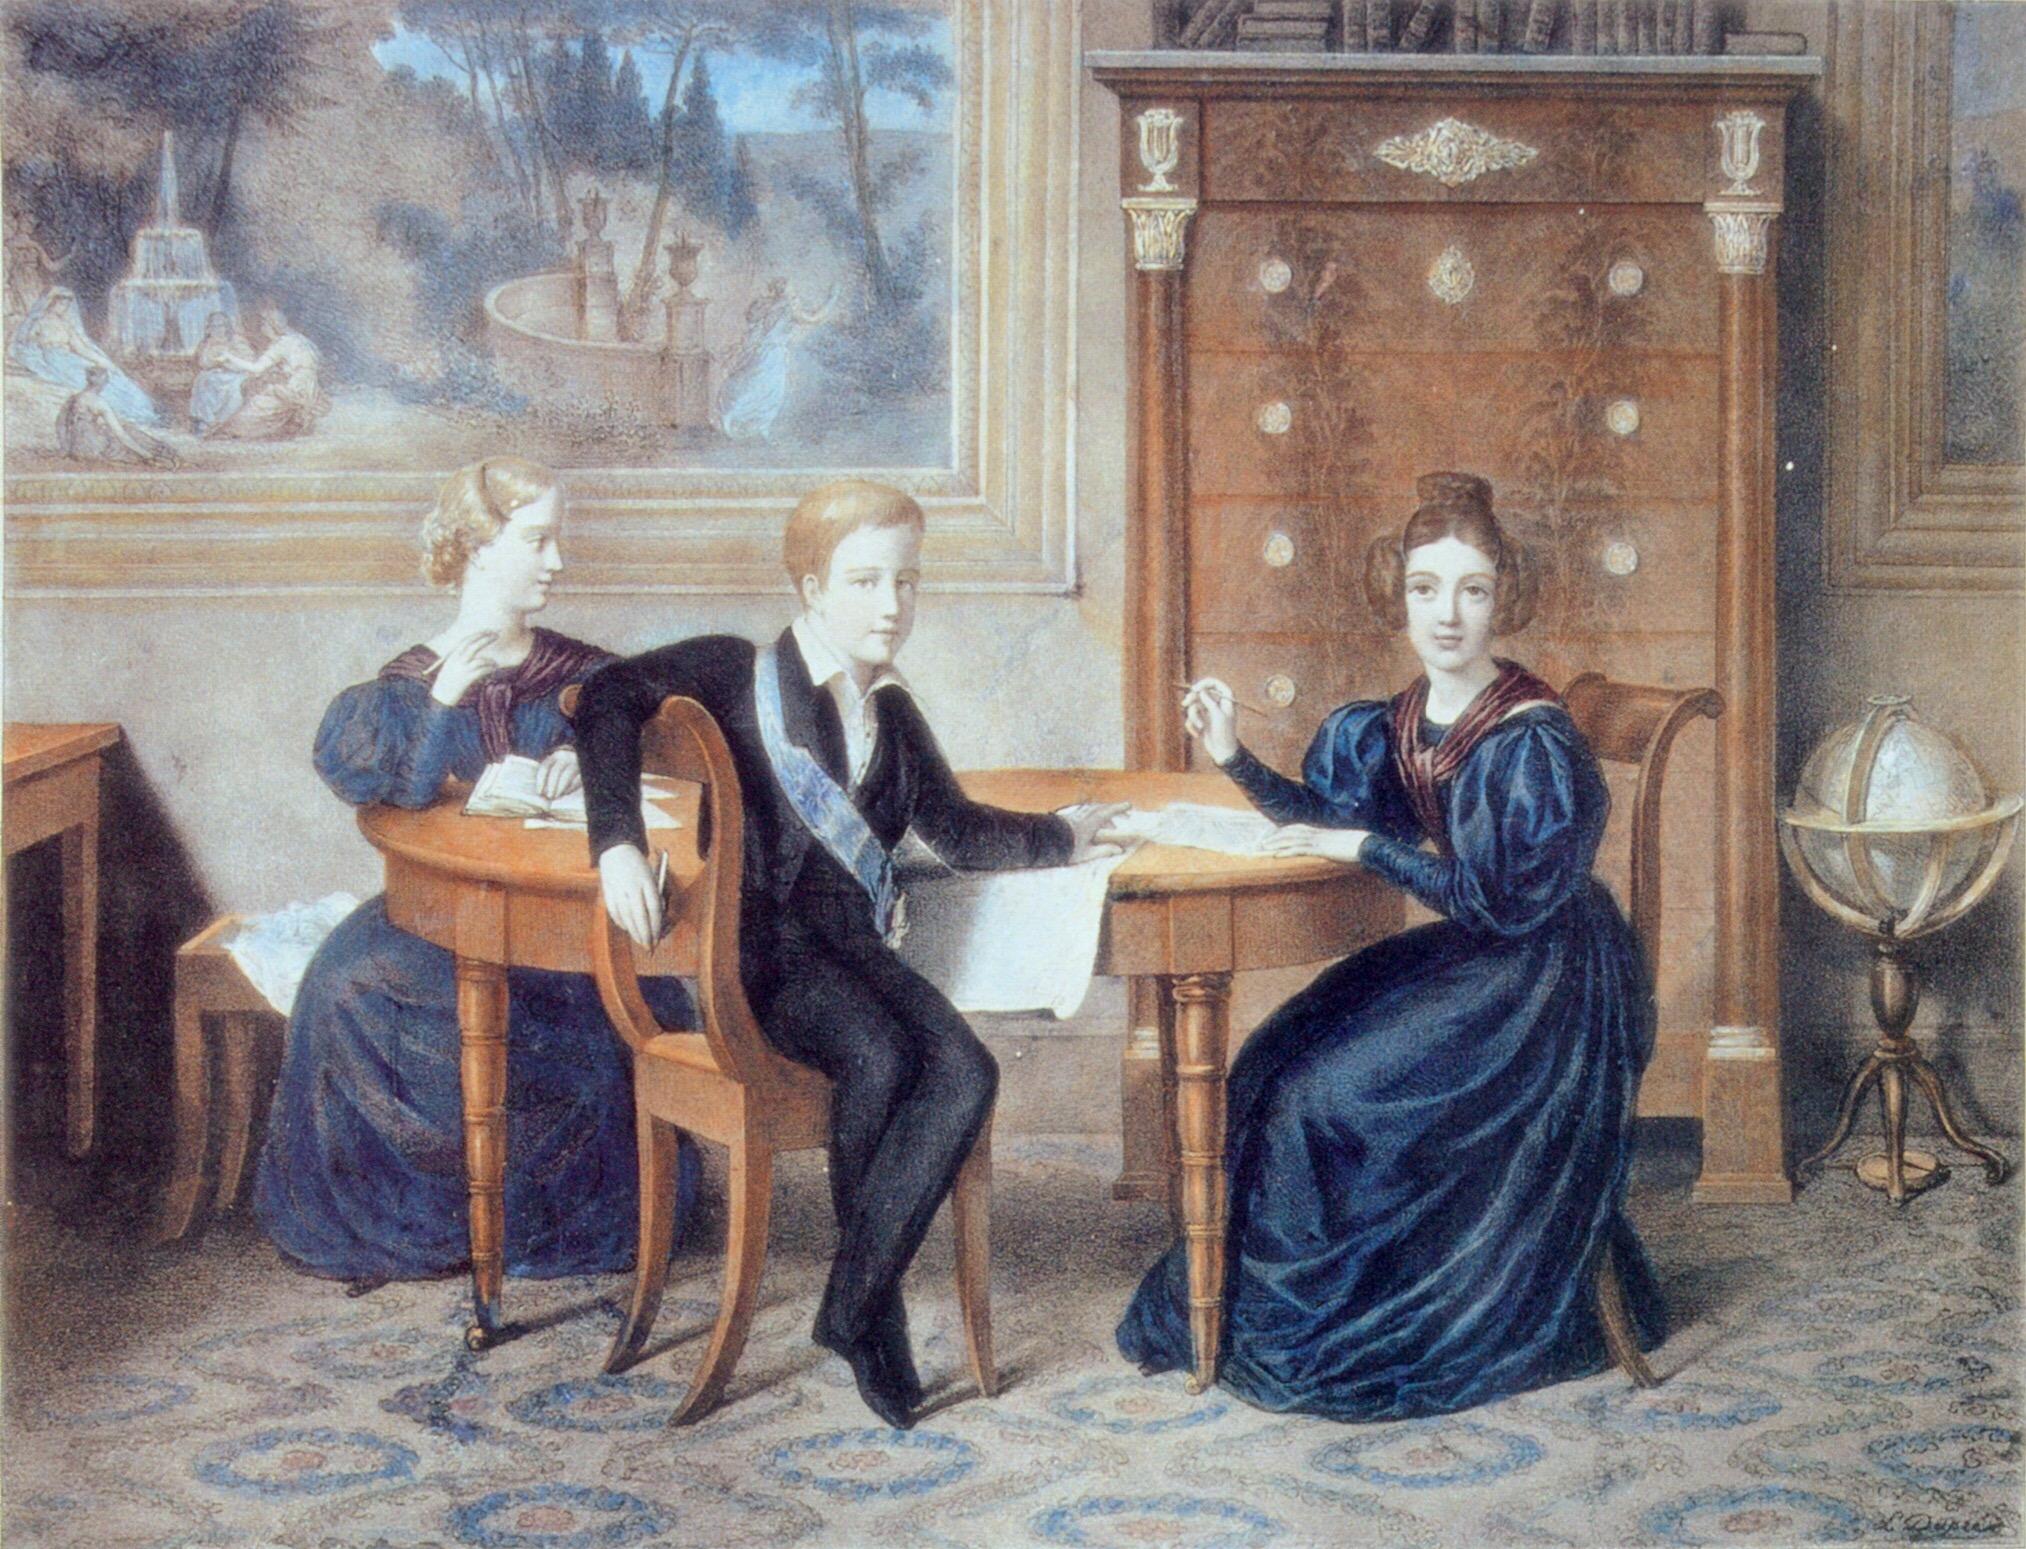 Francisca, Pedro e Januária de luto pela morte do pai c. 1835 por Félix Émile Taunay, no Museu Imperial.